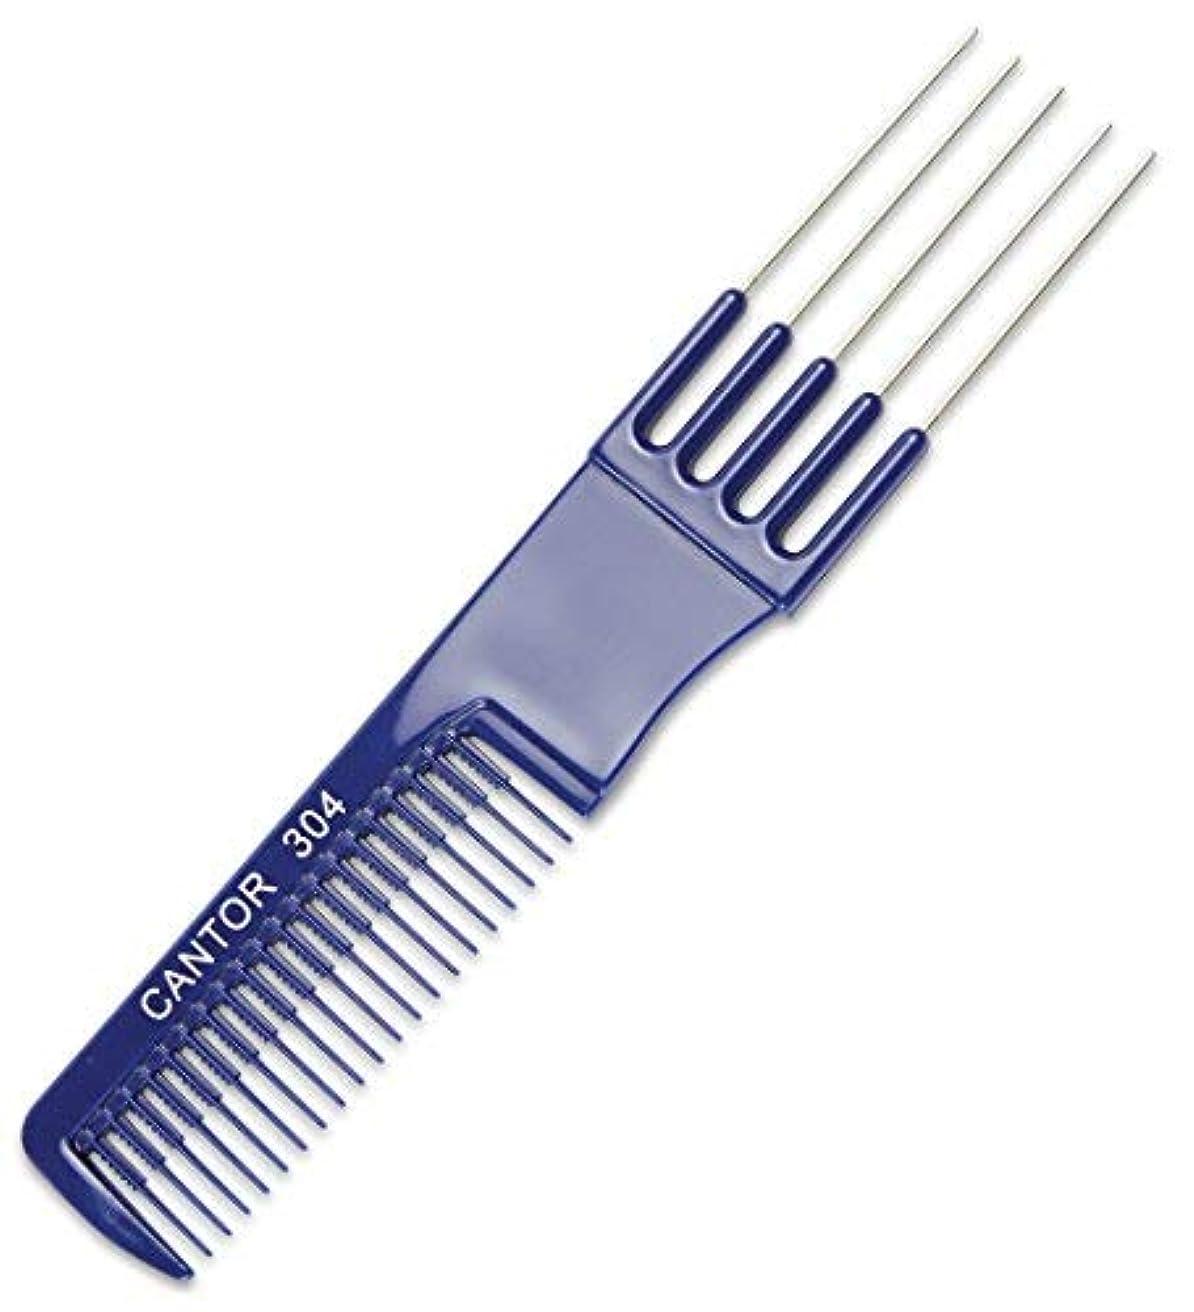 移植入場料鎮痛剤Teasing Comb With Metal Lifts - 6  Plastic Teaser Rake and Stainless Steel Lifting Prongs ? Heat and Chemical...